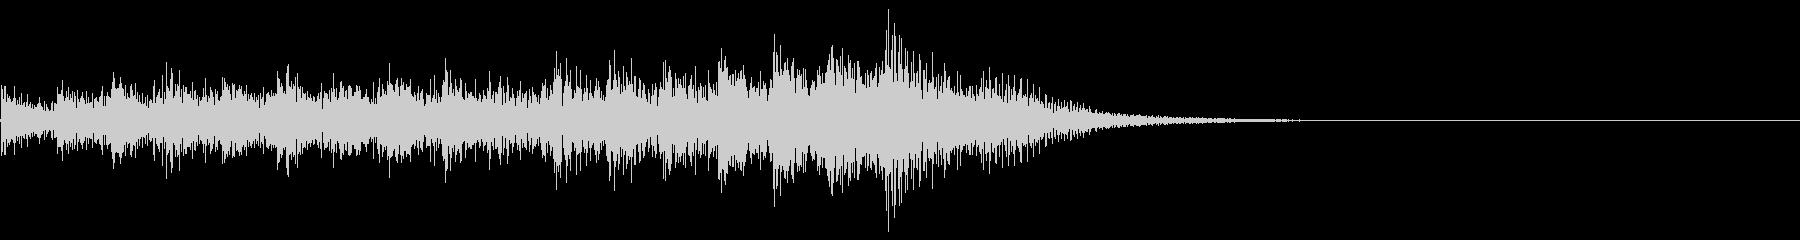 レベルアップ/回復音/チャージ音の未再生の波形